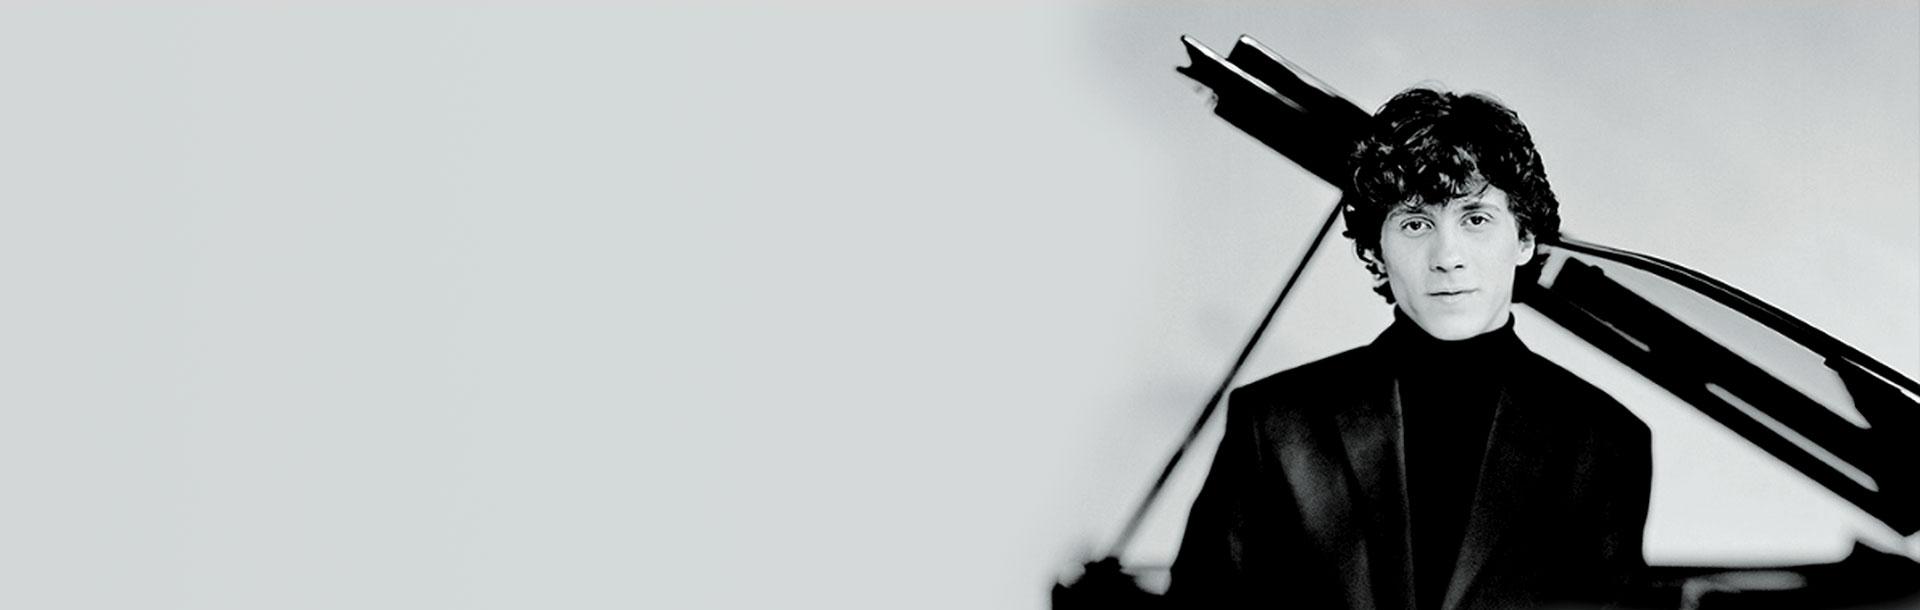 kent_nagano_ultime_symphonique_chostakovitch_orchestre_symphonique_de_montreal_1920_610